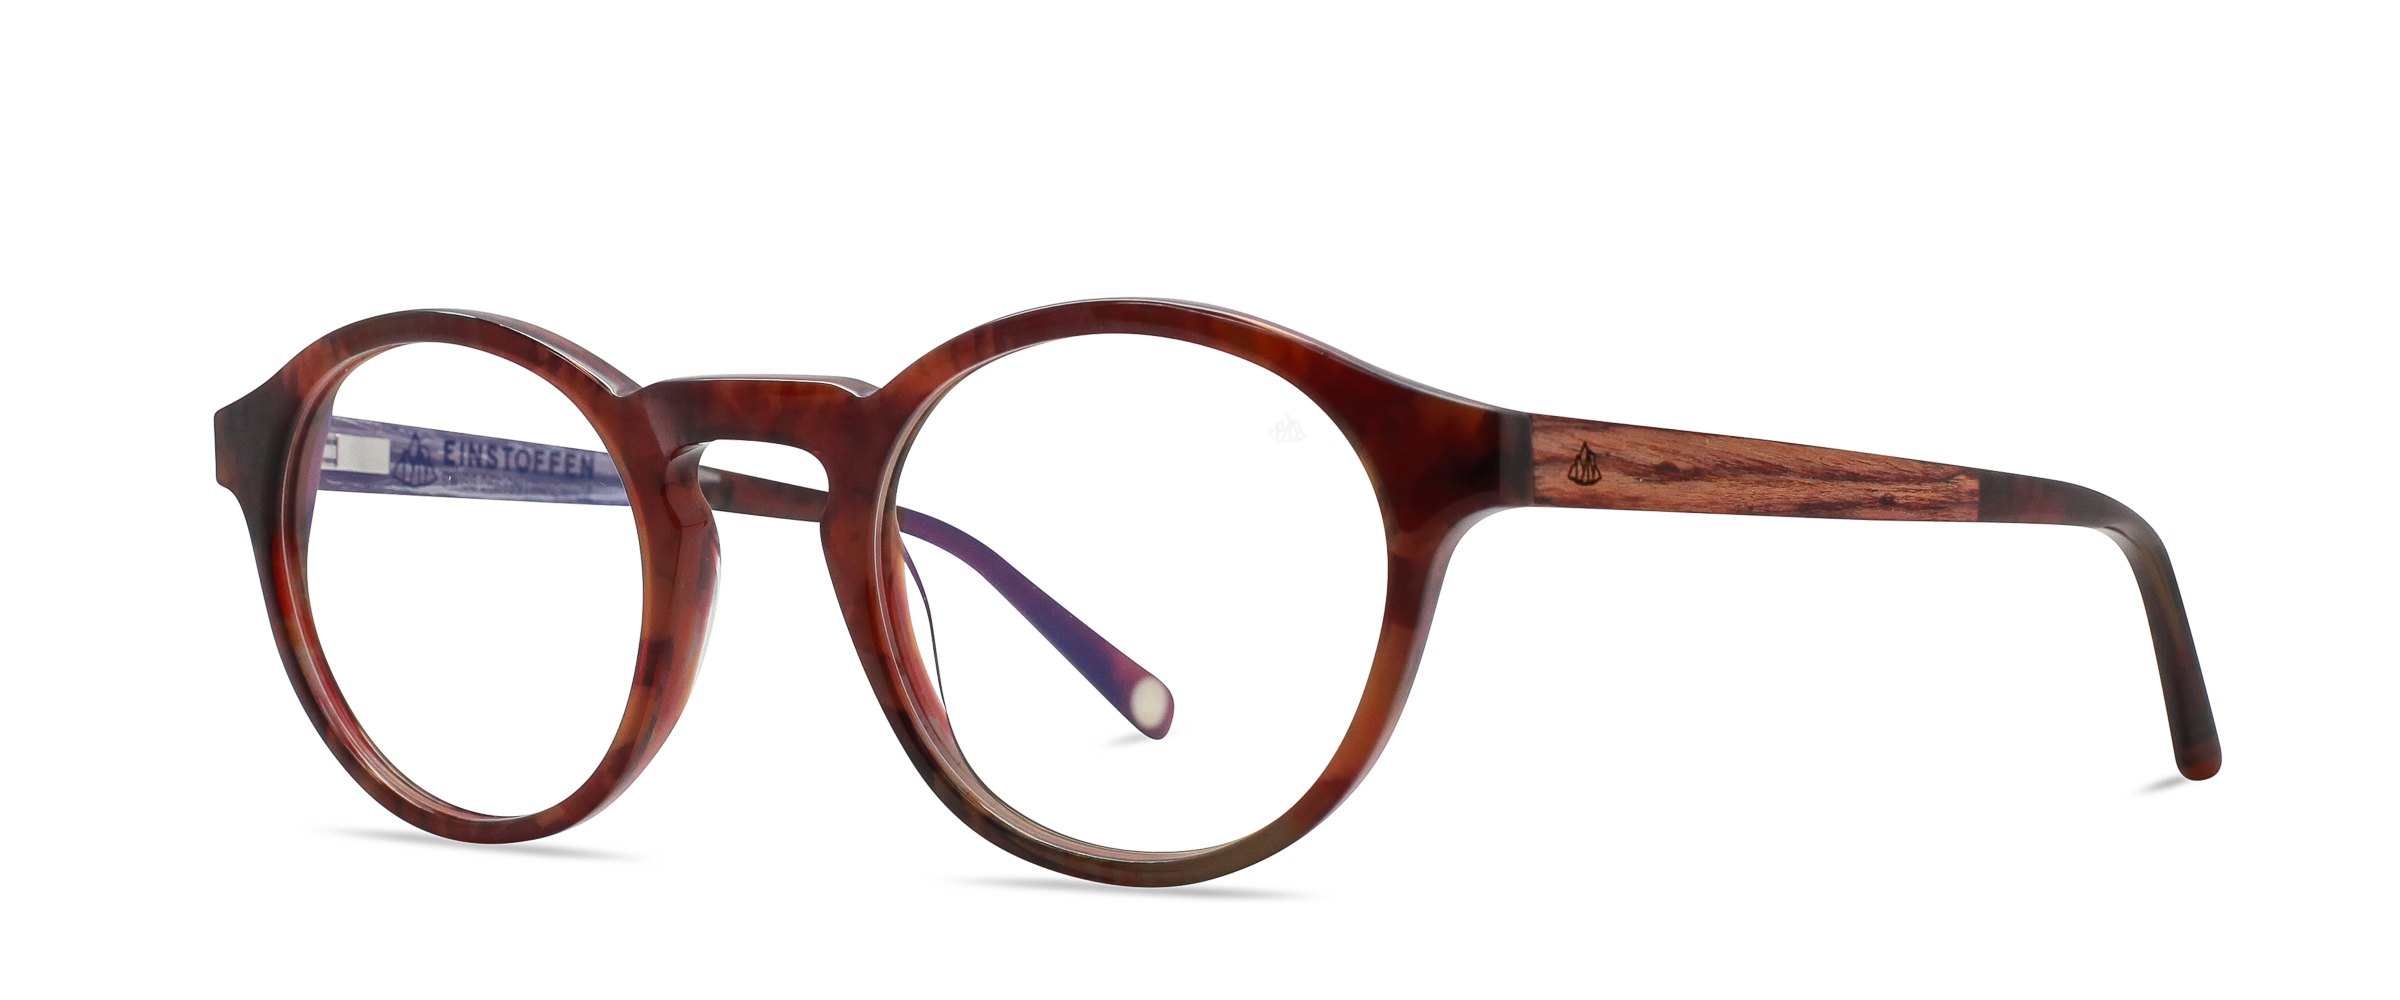 Holzbrillen und Steinbrillen von Einstoffen